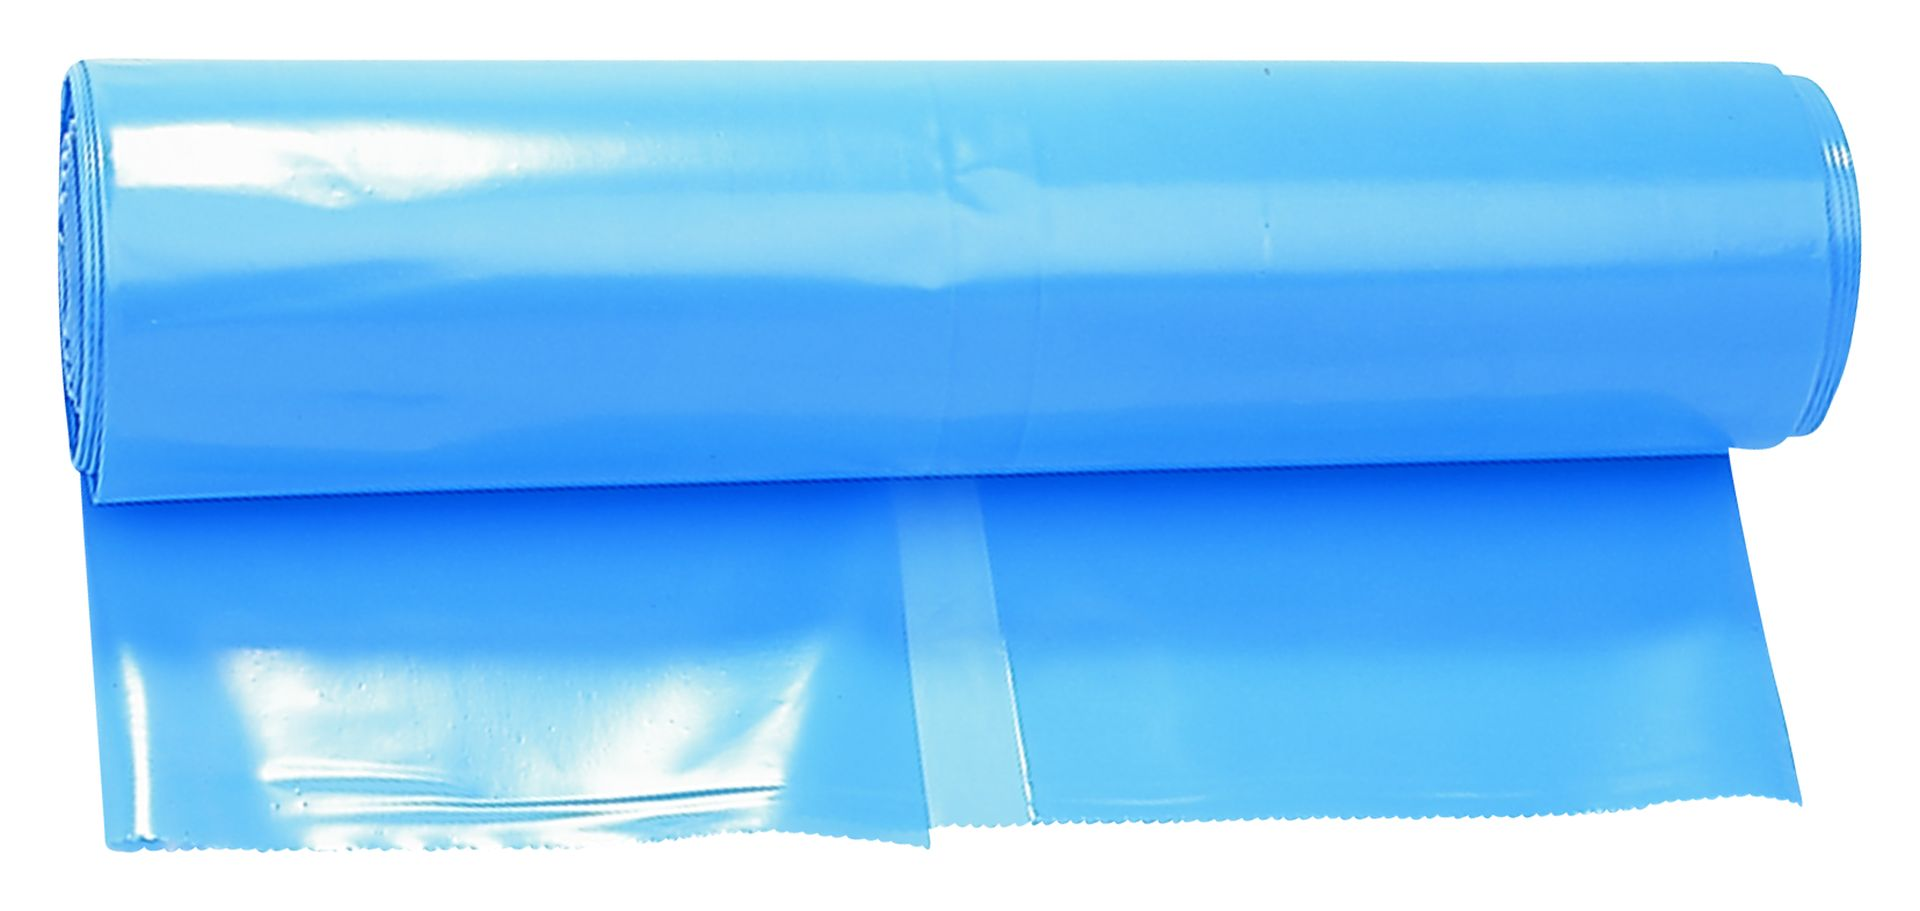 STORCH Abfallsäcke, 120 l, 0,08 mm stark, 25 Stück